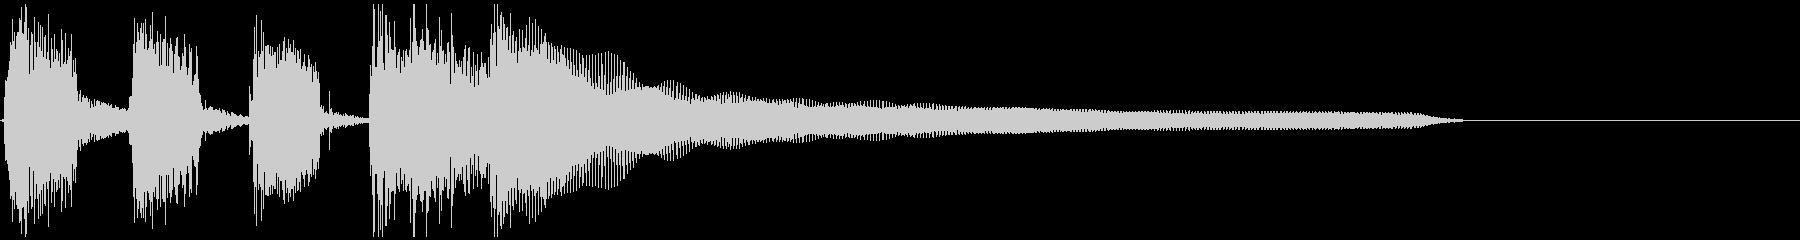 のんびり、ほのぼの、アコギのBGMの未再生の波形